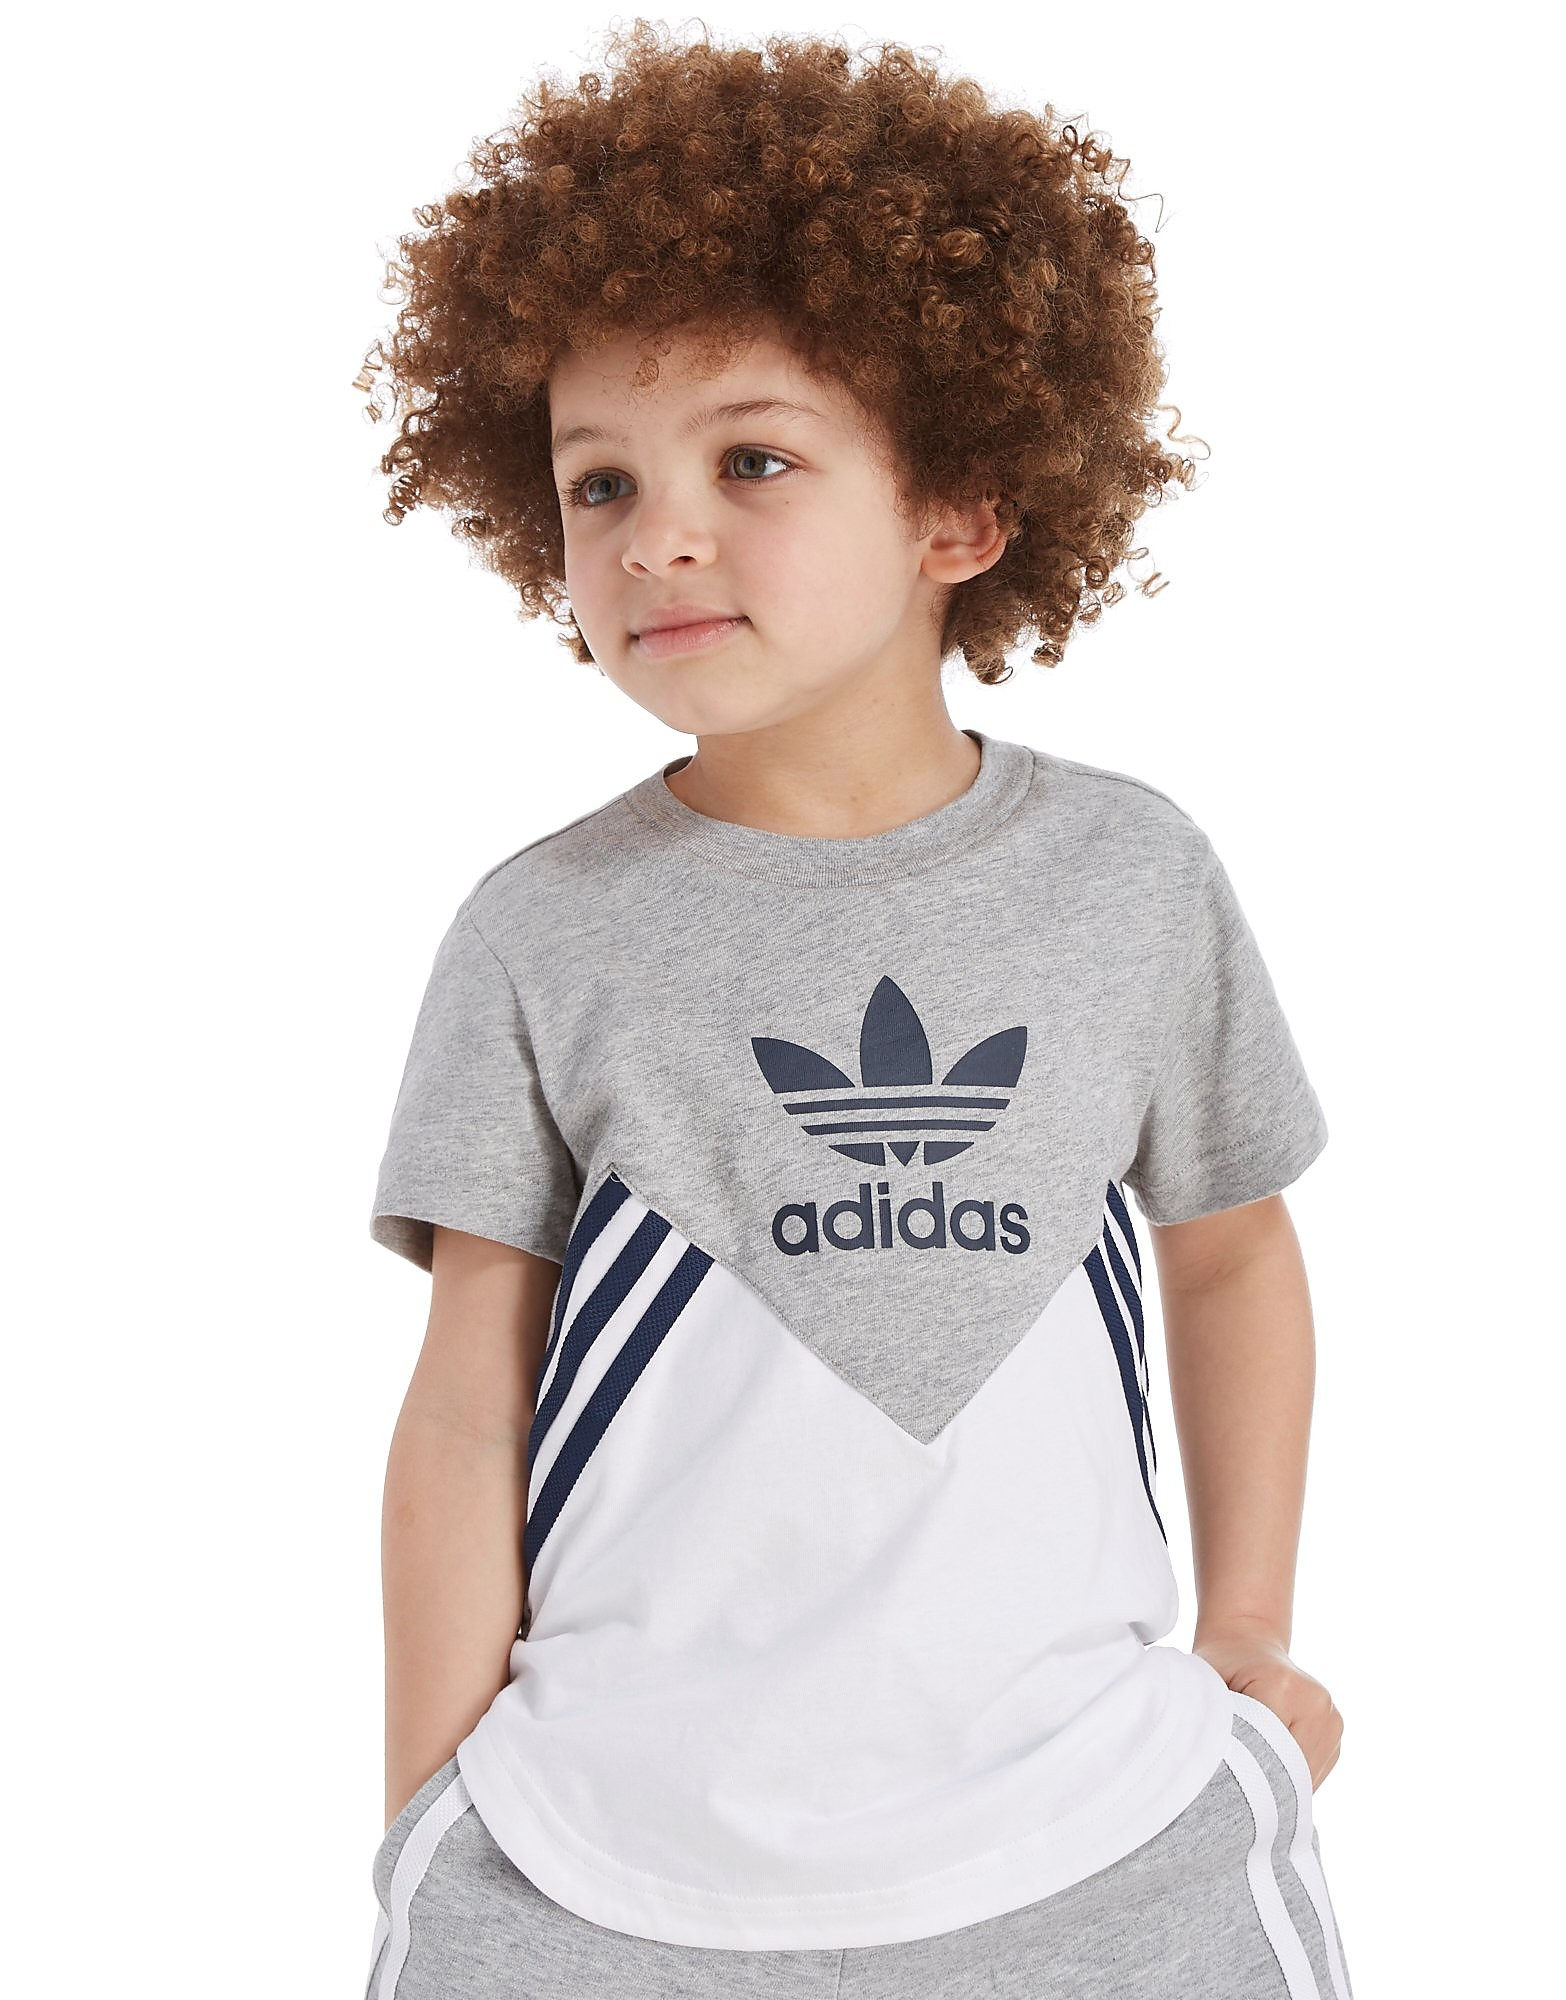 adidas Originals camiseta MOA infantil